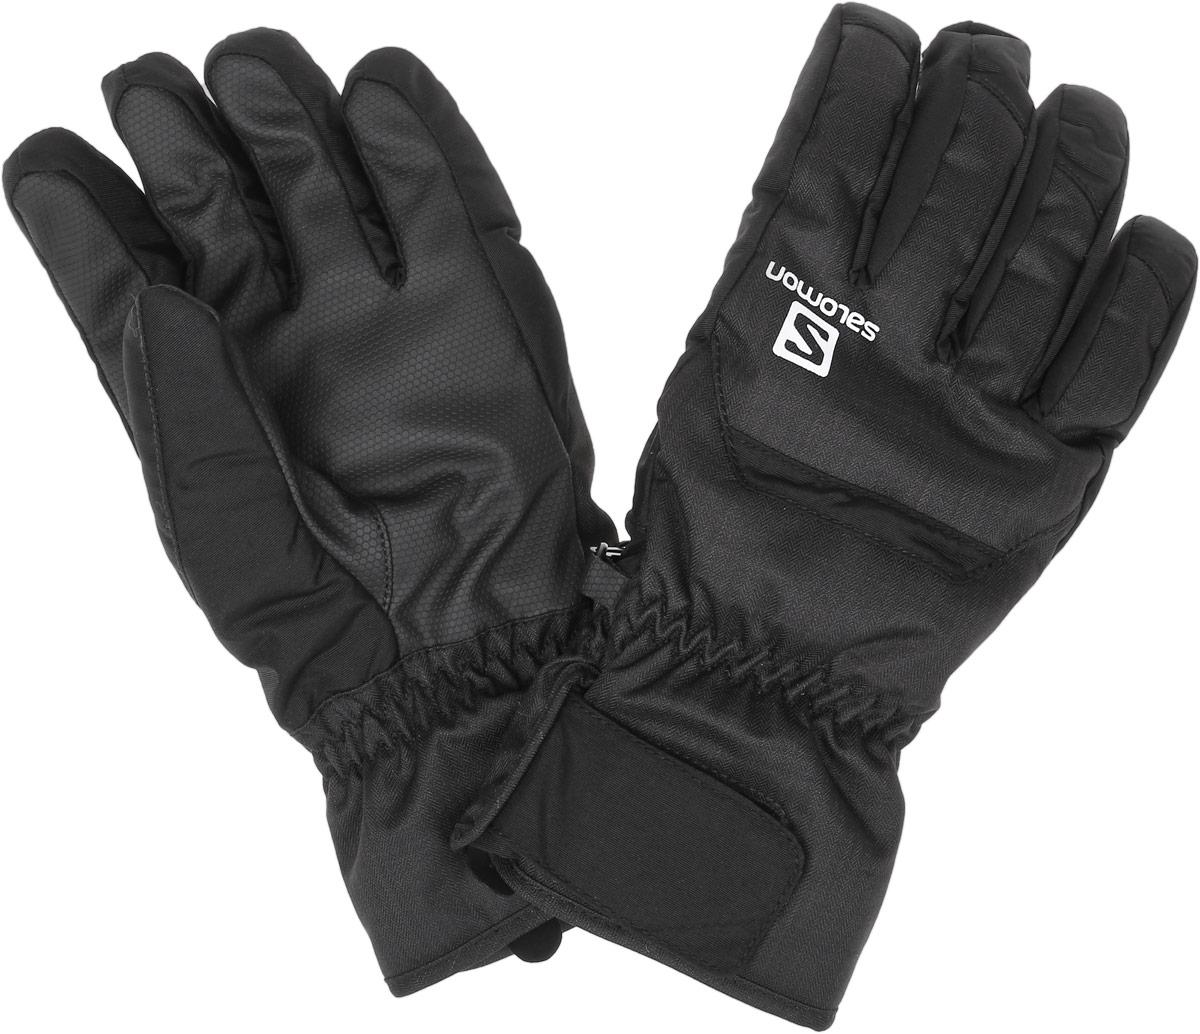 L36377700Мужские перчатки Salomon Gloves Cruise M предназначены для занятий активными видами спорта и для носки в городе в холодную погоду. Внешний слой перчаток изготовлен из нейлона, на ладони - вставка из полиуретана. Утеплитель выполнен из высококачественного теплого полиэстера Advanced Skin Warm. Теплые перчатки с короткими манжетами и застежками-липучками Velcro сохранят тепло, удобство